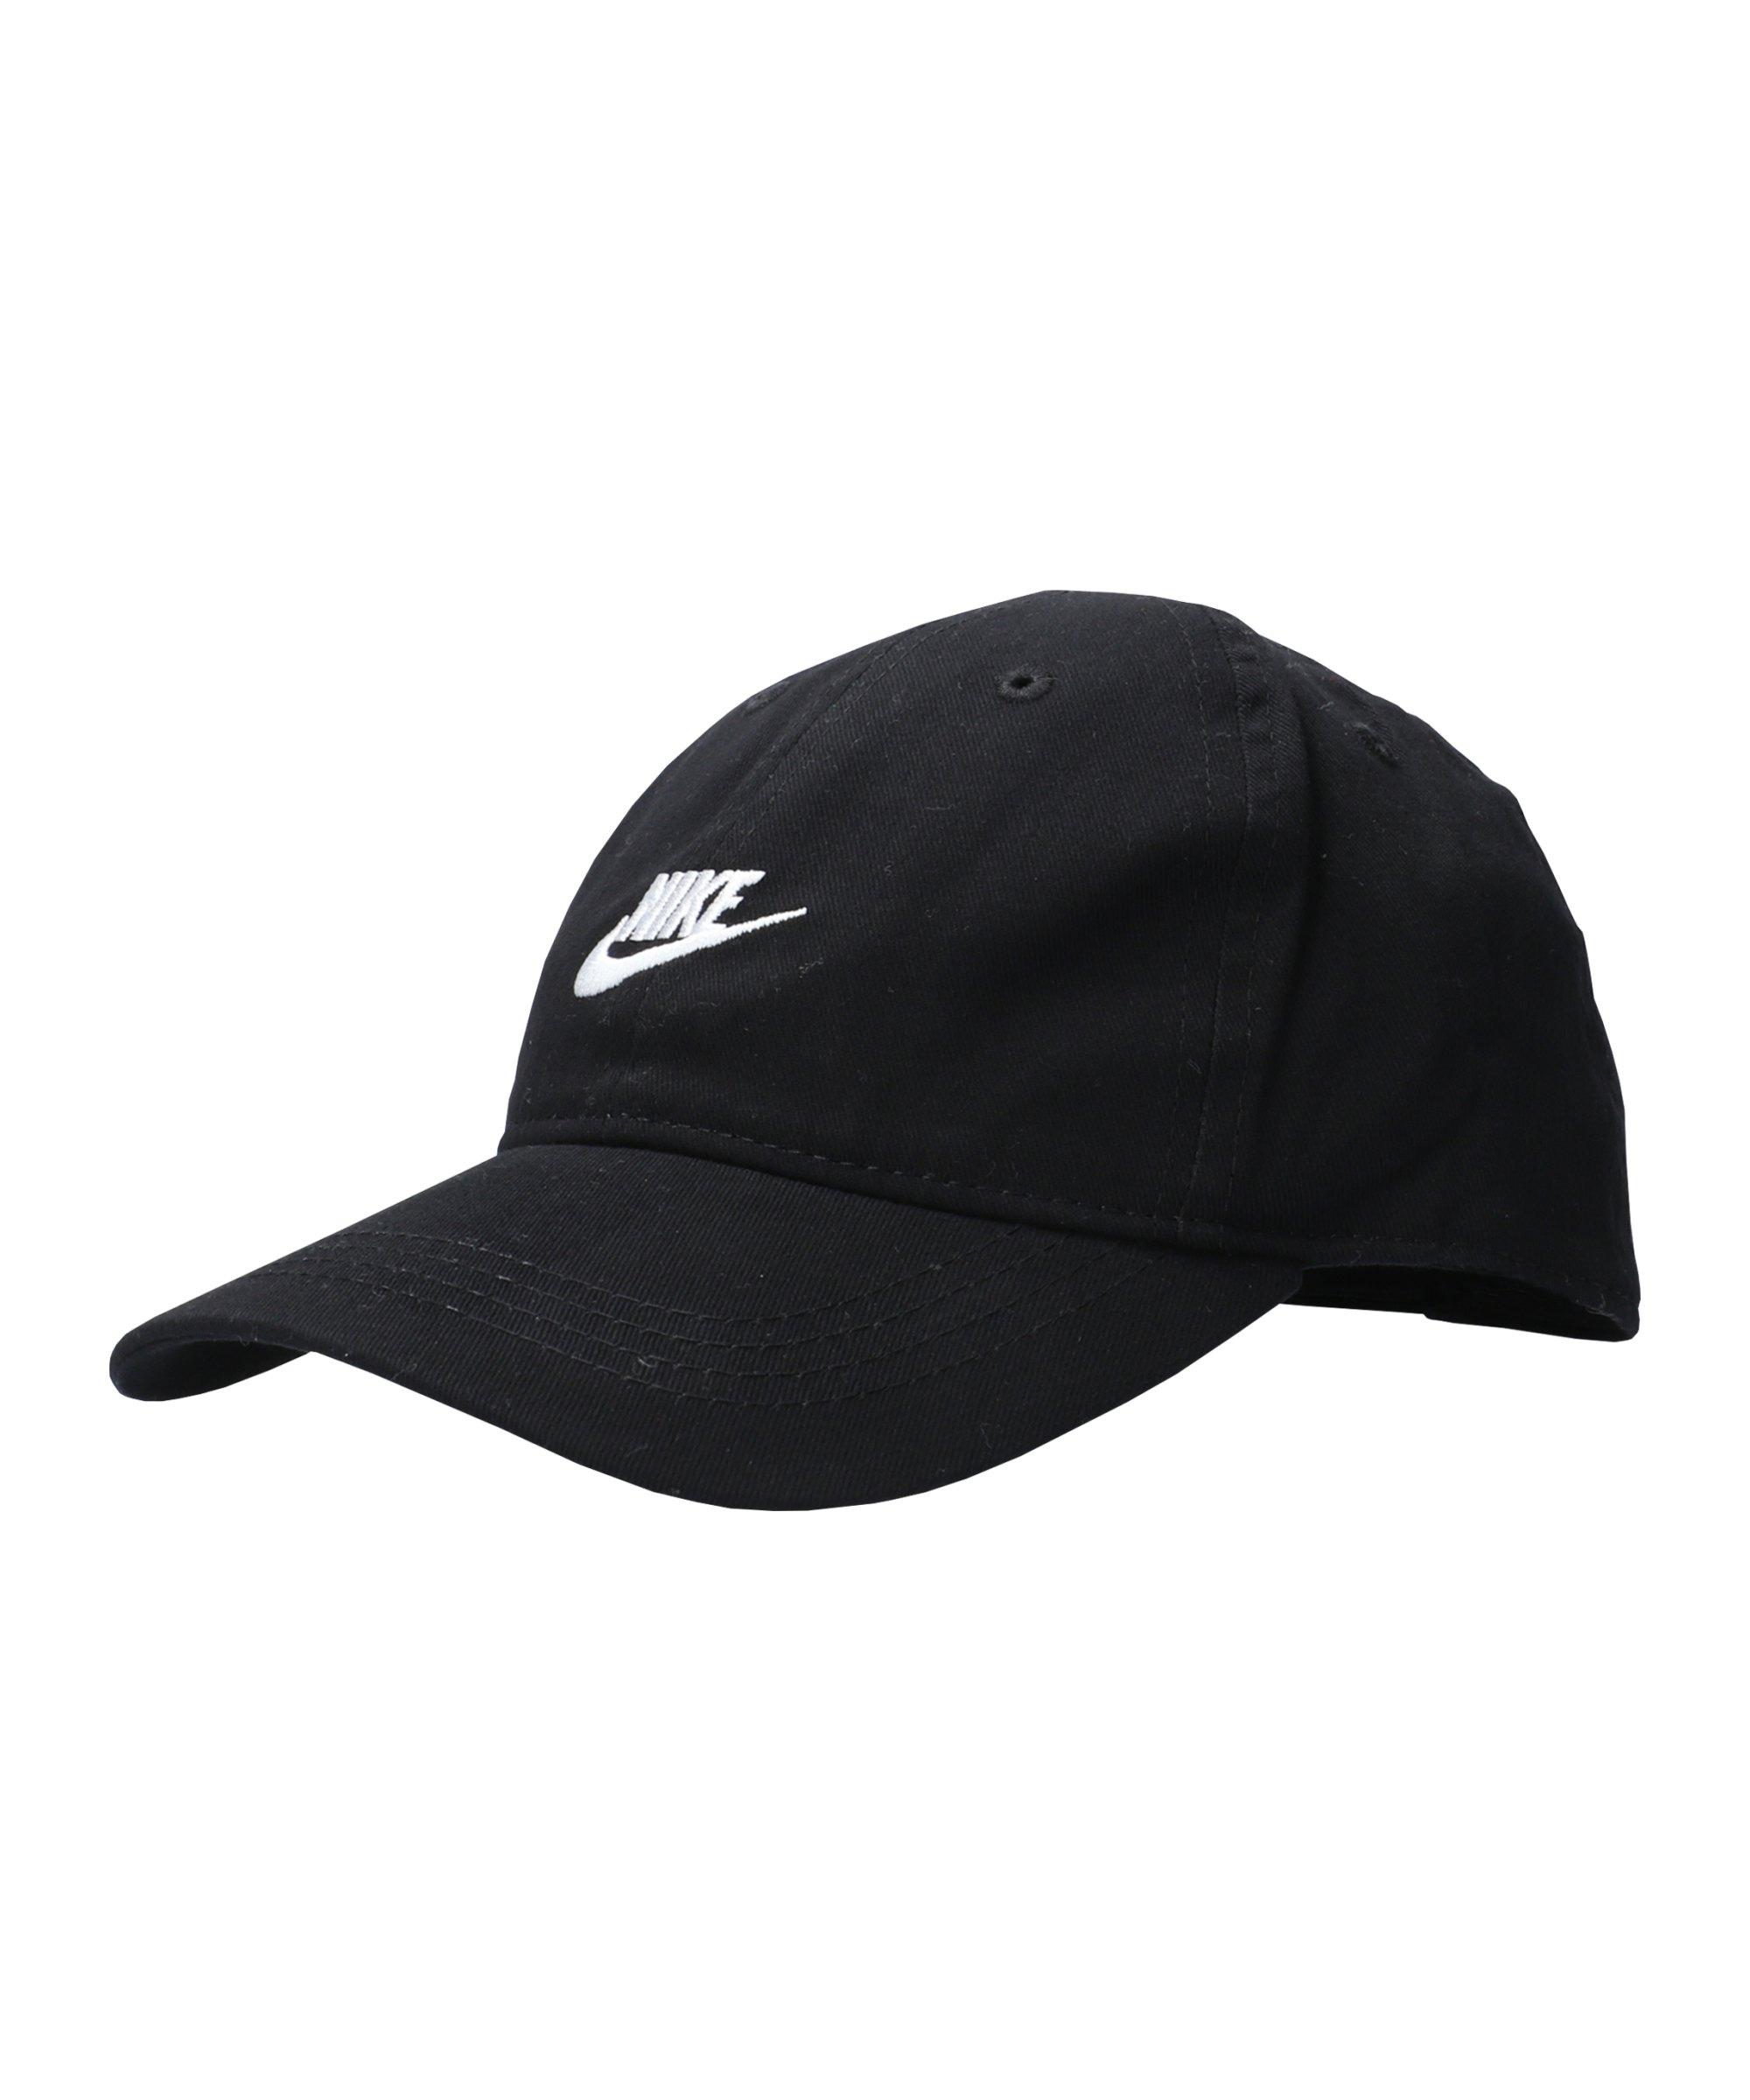 Nike Futura Curve Brim Cap Kids Schwarz F023 - schwarz